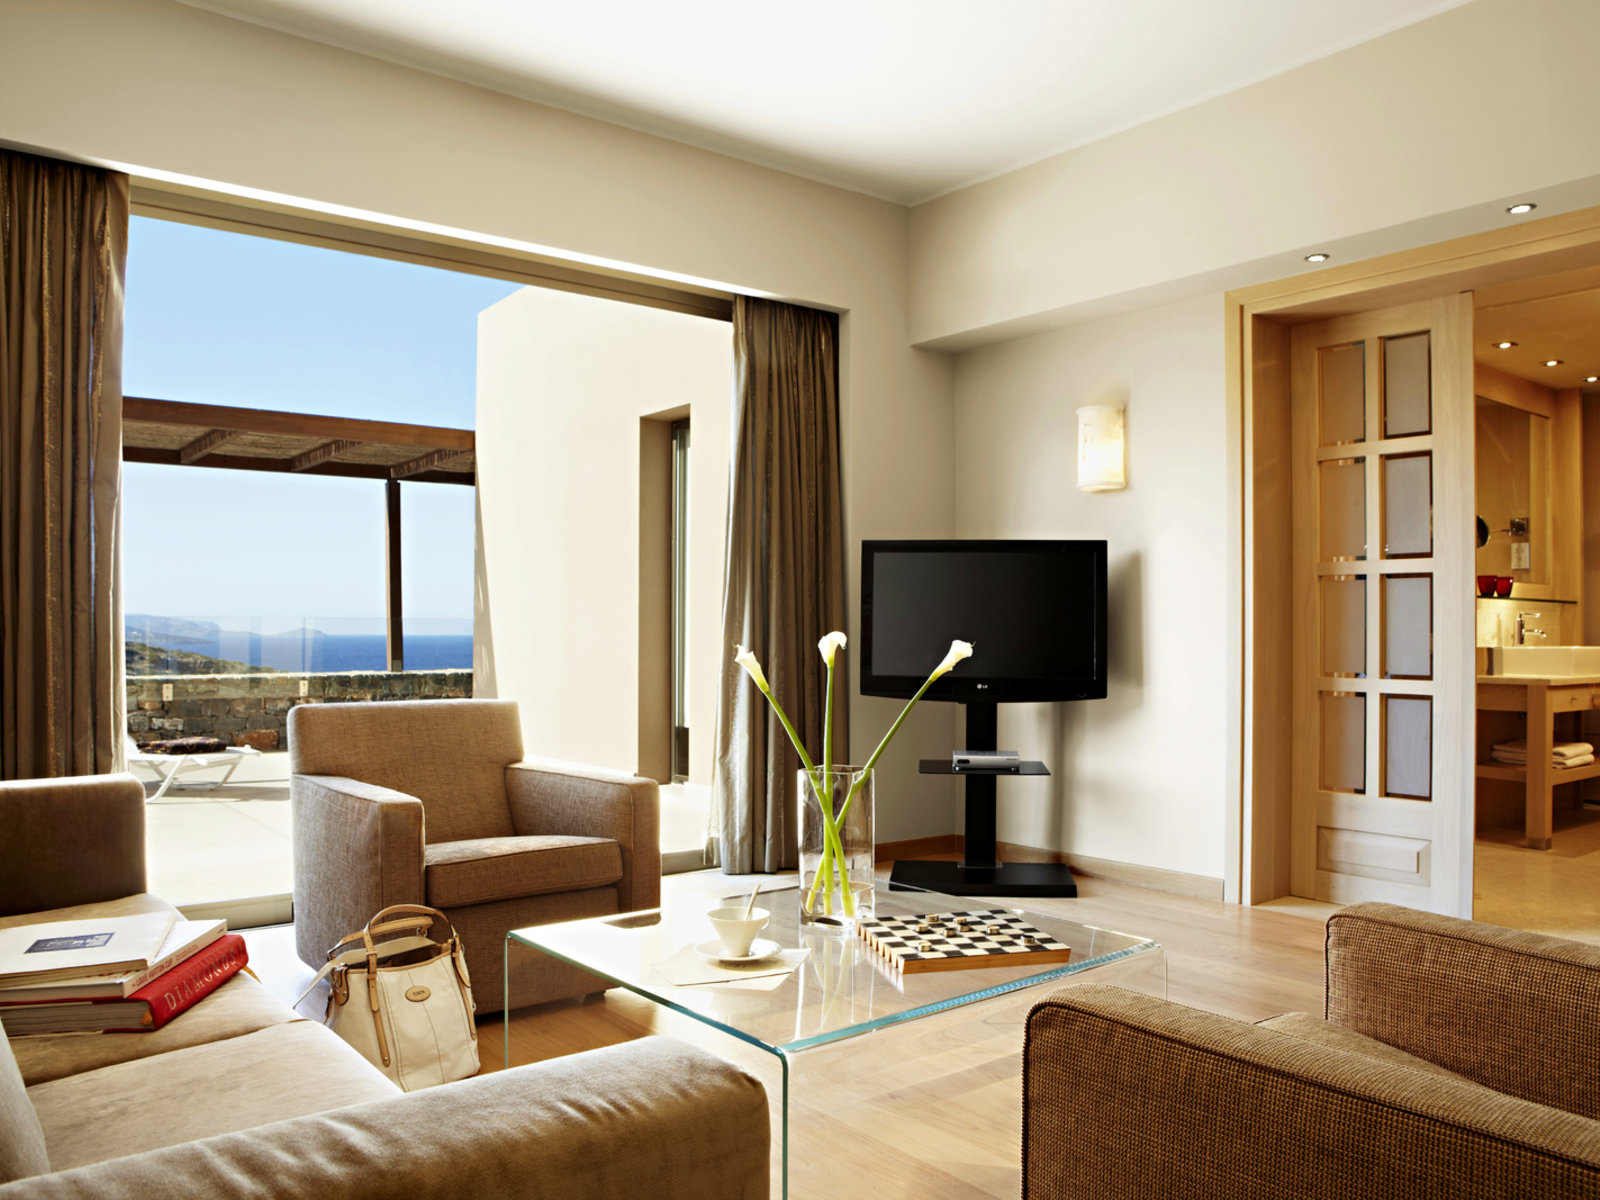 Wohnbeispiel One Bedroom Suite Seaview